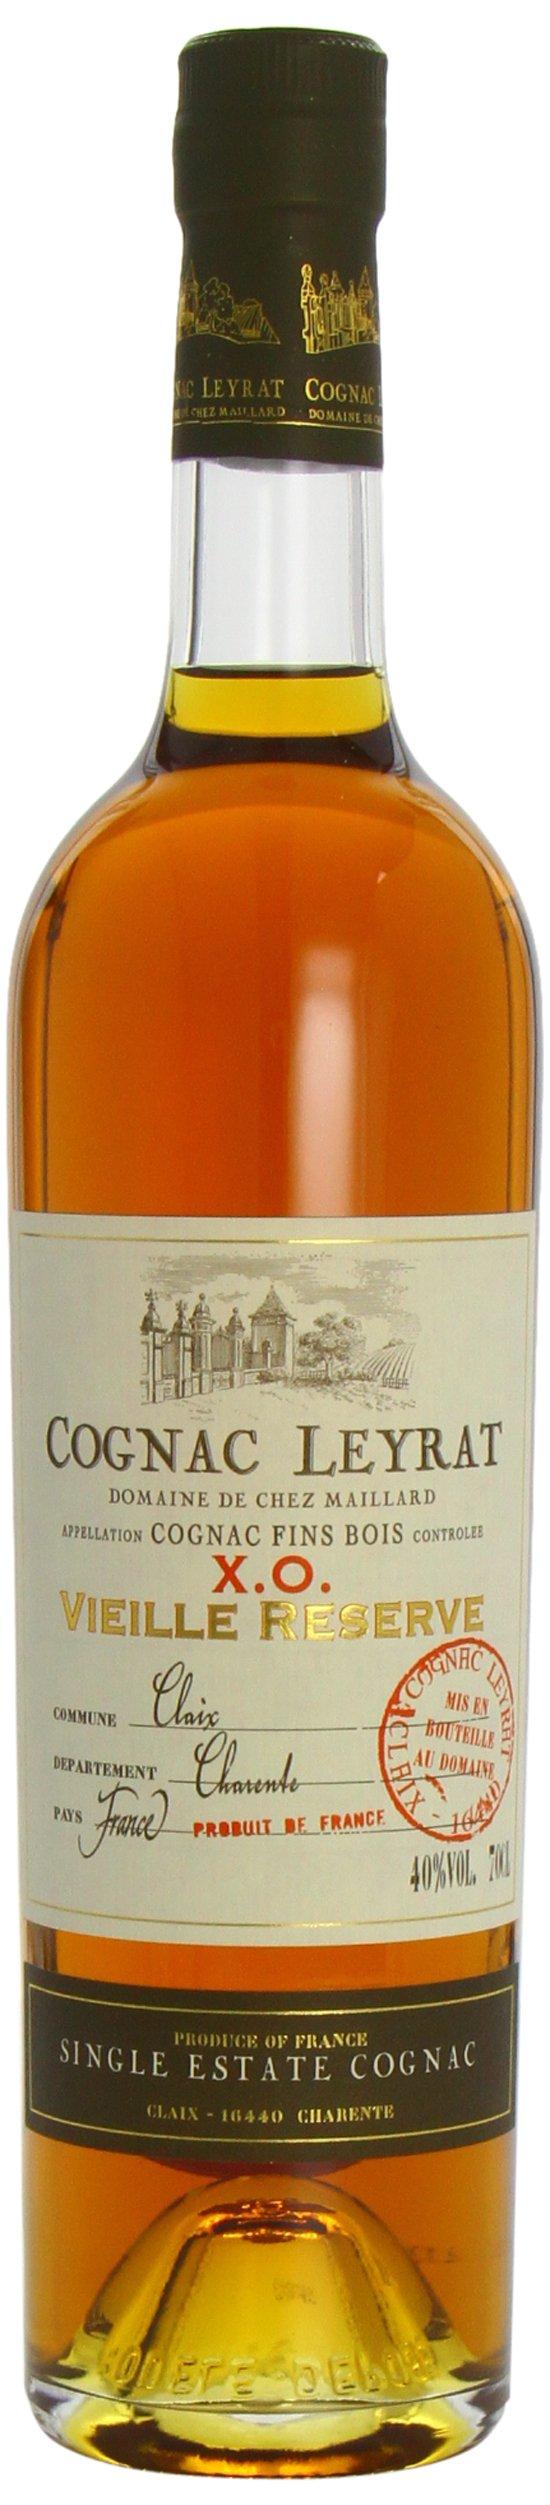 Cognac-Leyrat-XO-Vieille-Reserve-1er-Pack-1-x-700-ml